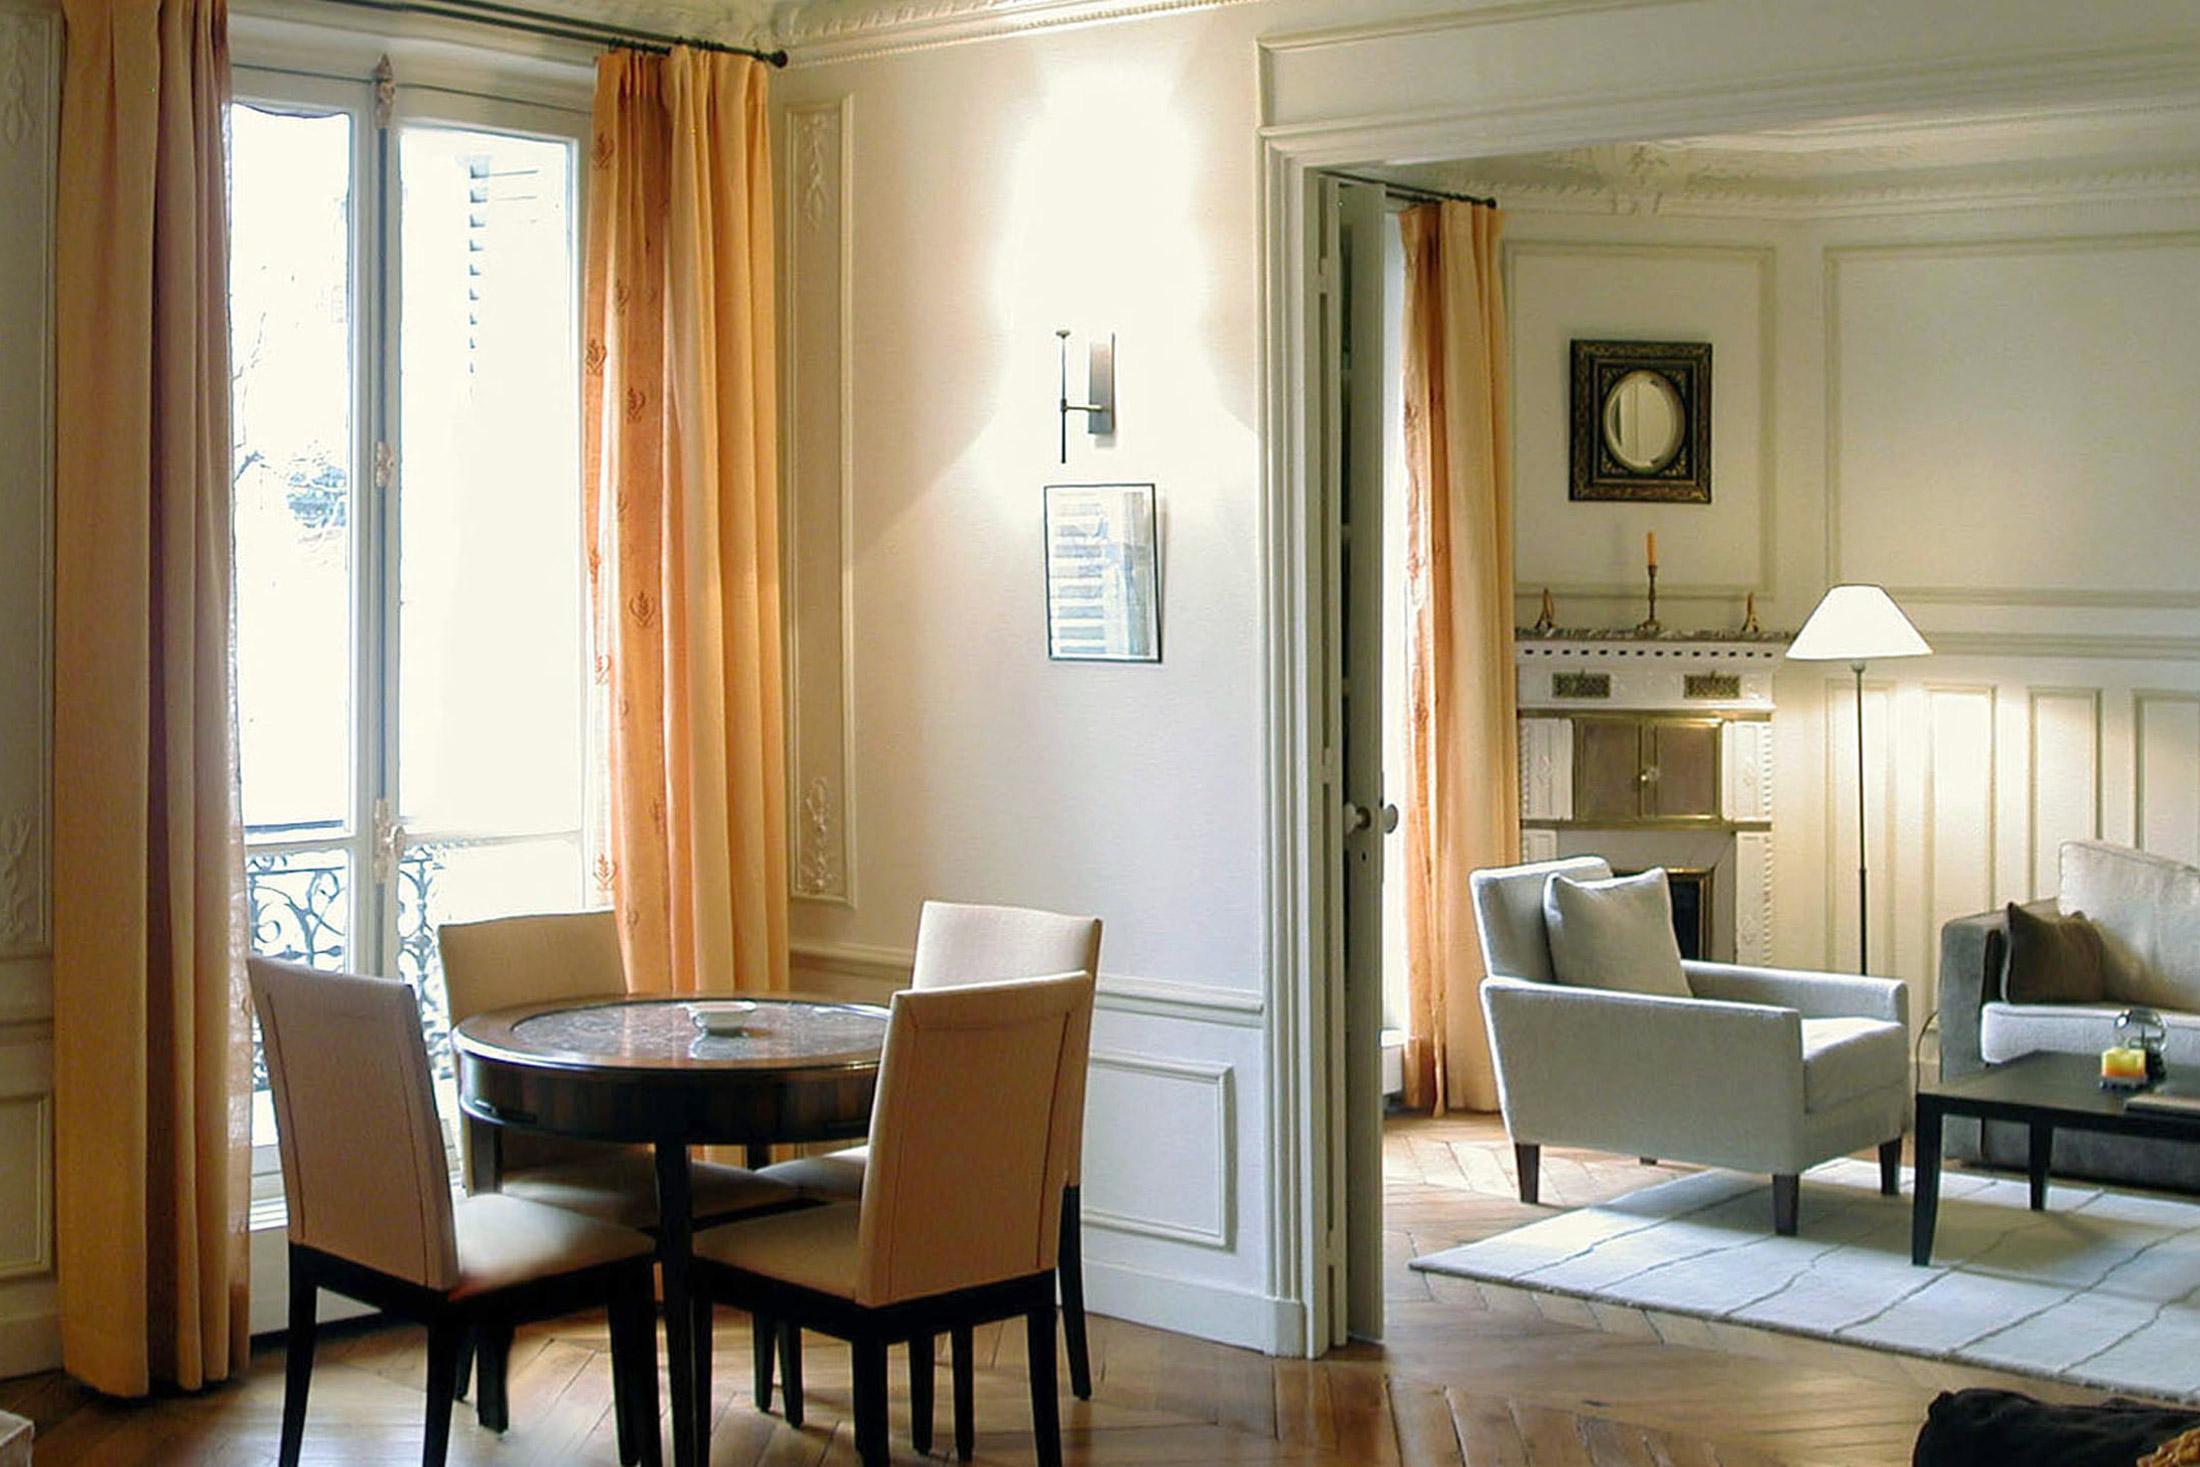 Architecte int rieur paris flora auvray for Salon uv paris